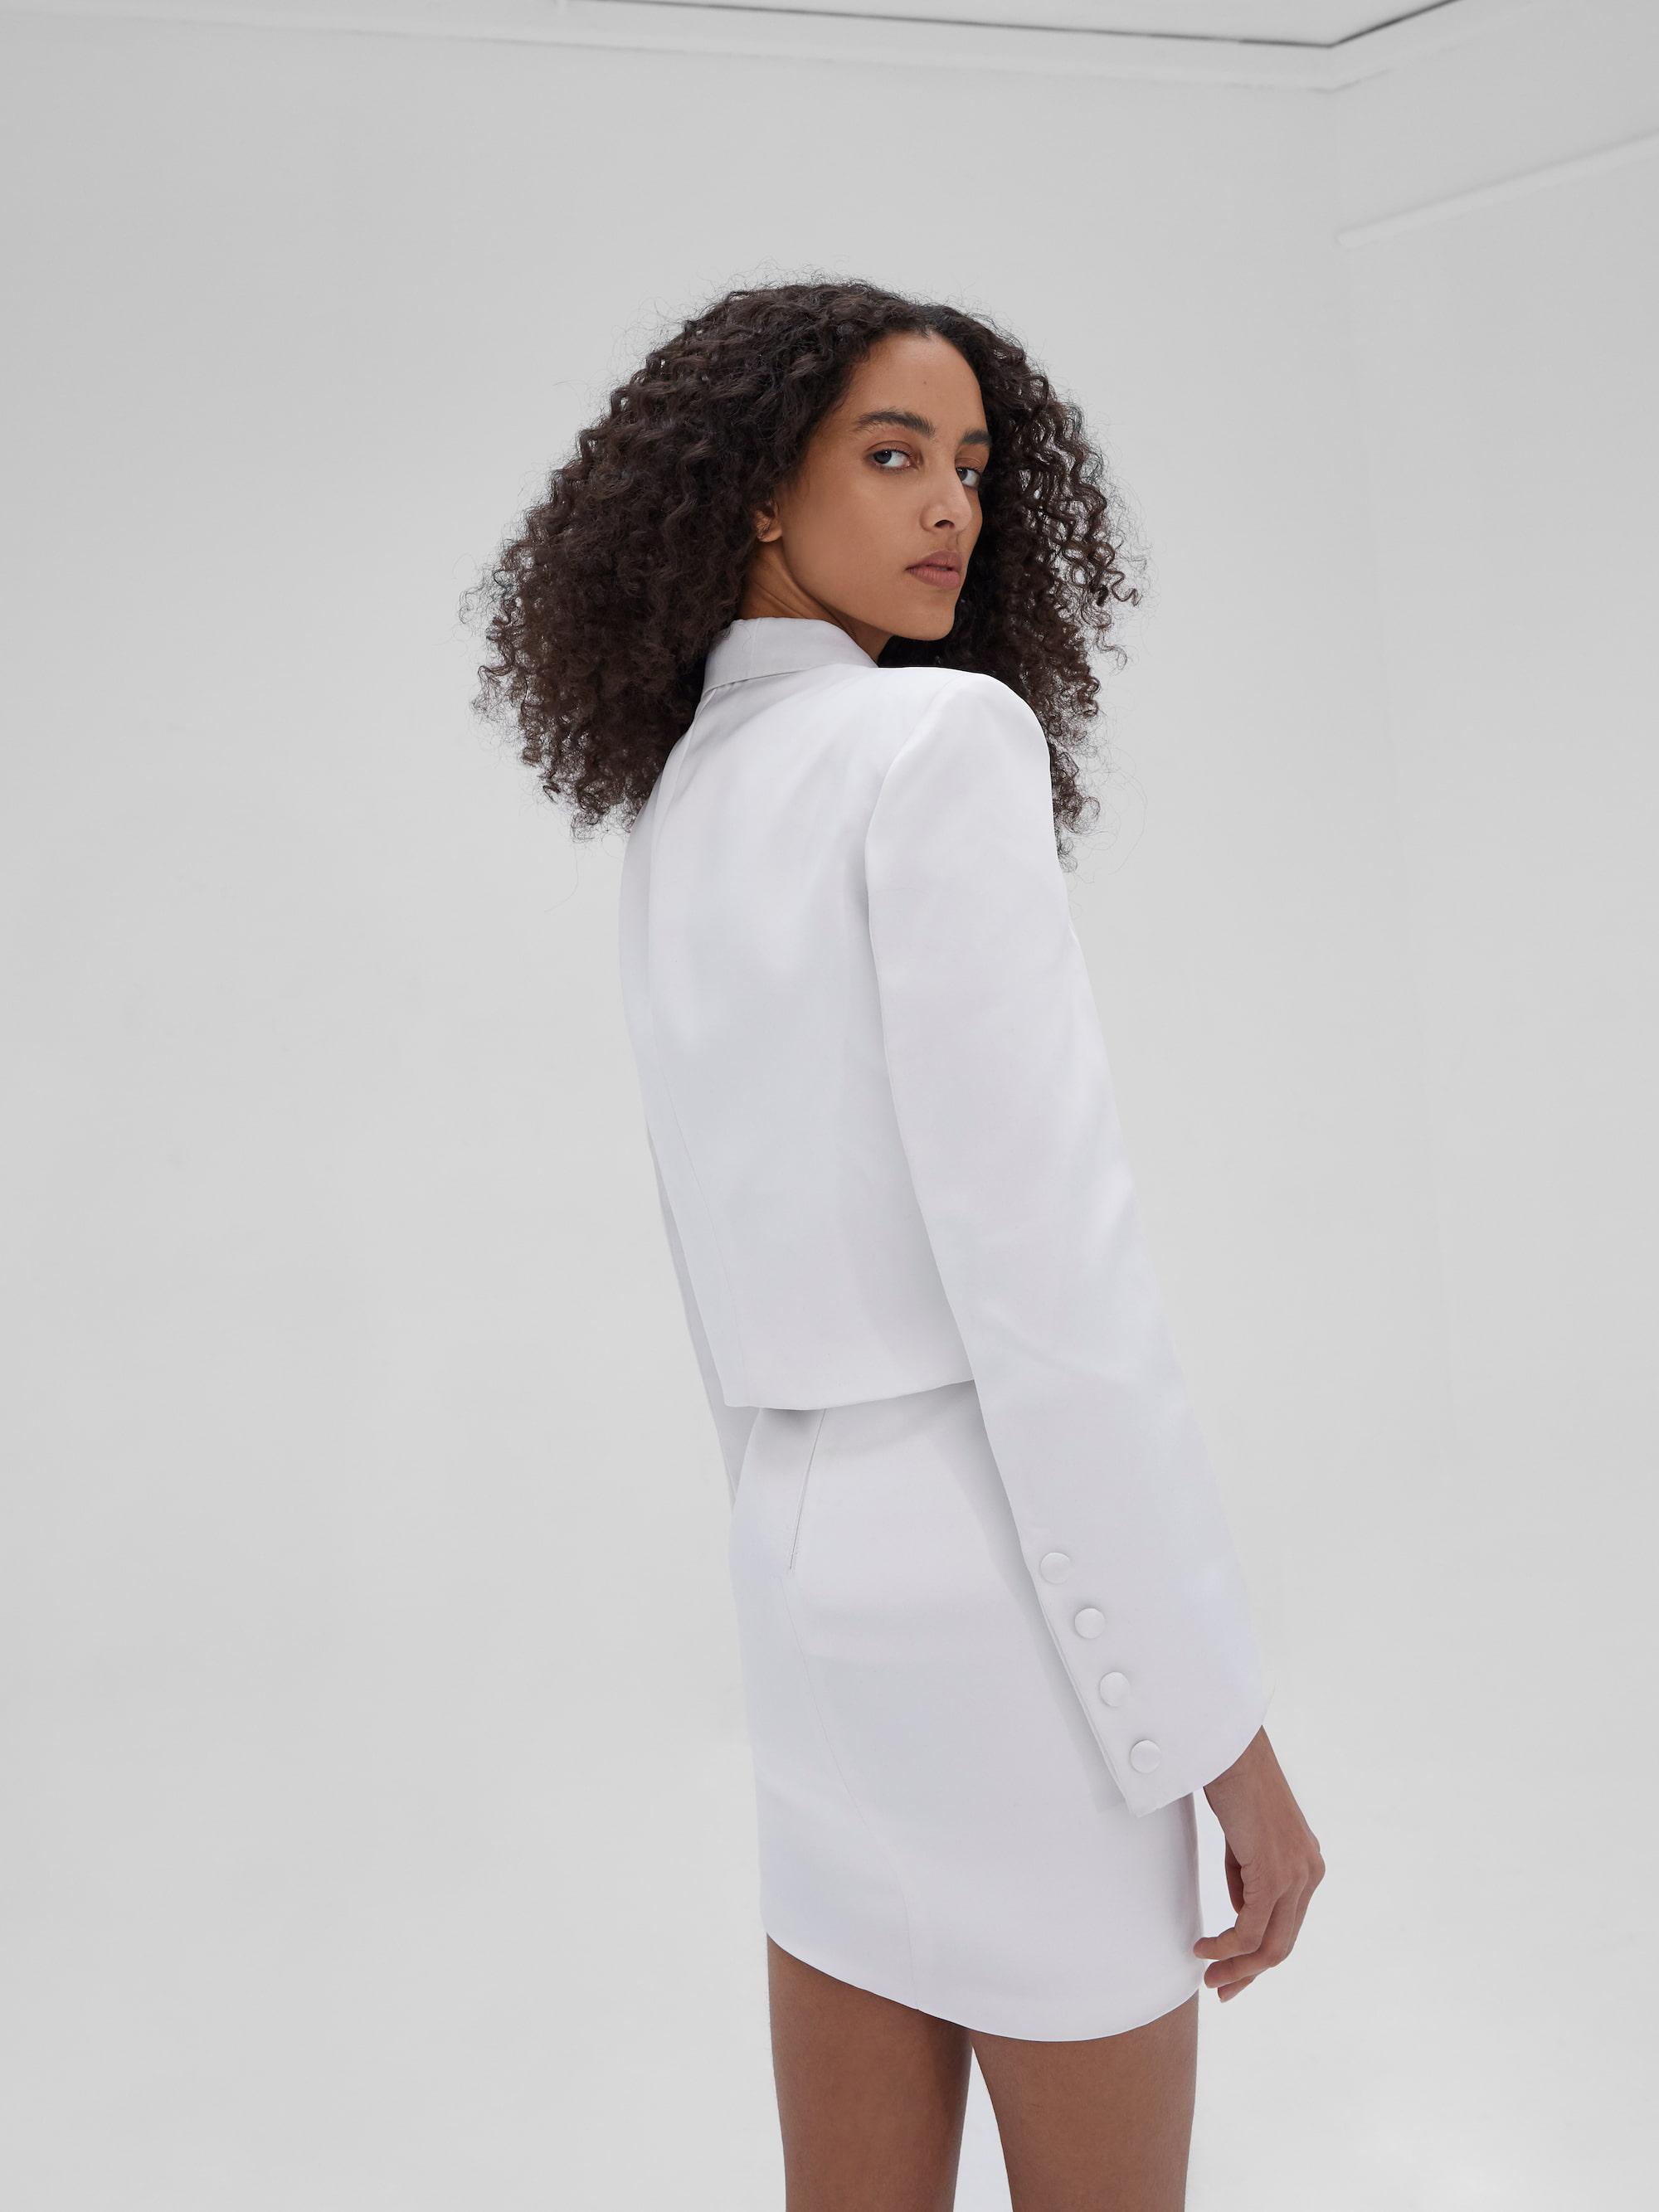 View 2 of model wearing Kin Cropped Blazer in black.